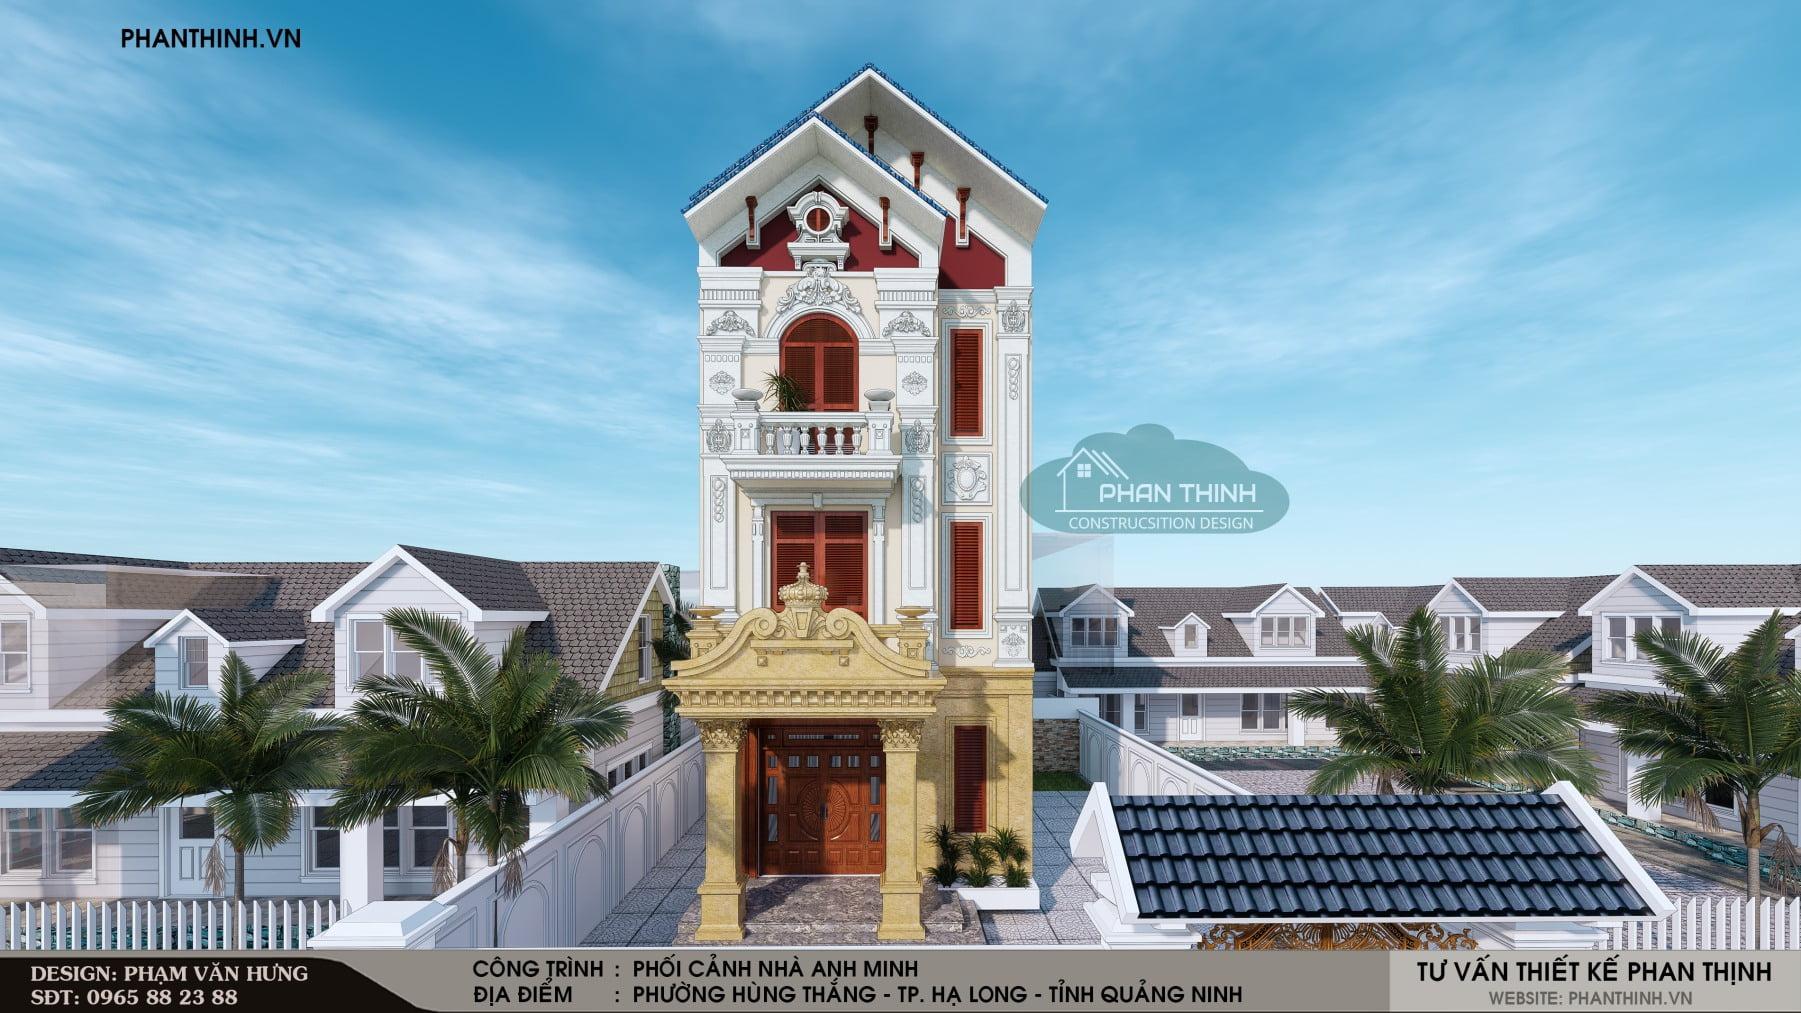 Mẫu mặt tiền biệt thự cổ điển 3 tầng đẹp tại Quảng Ninh